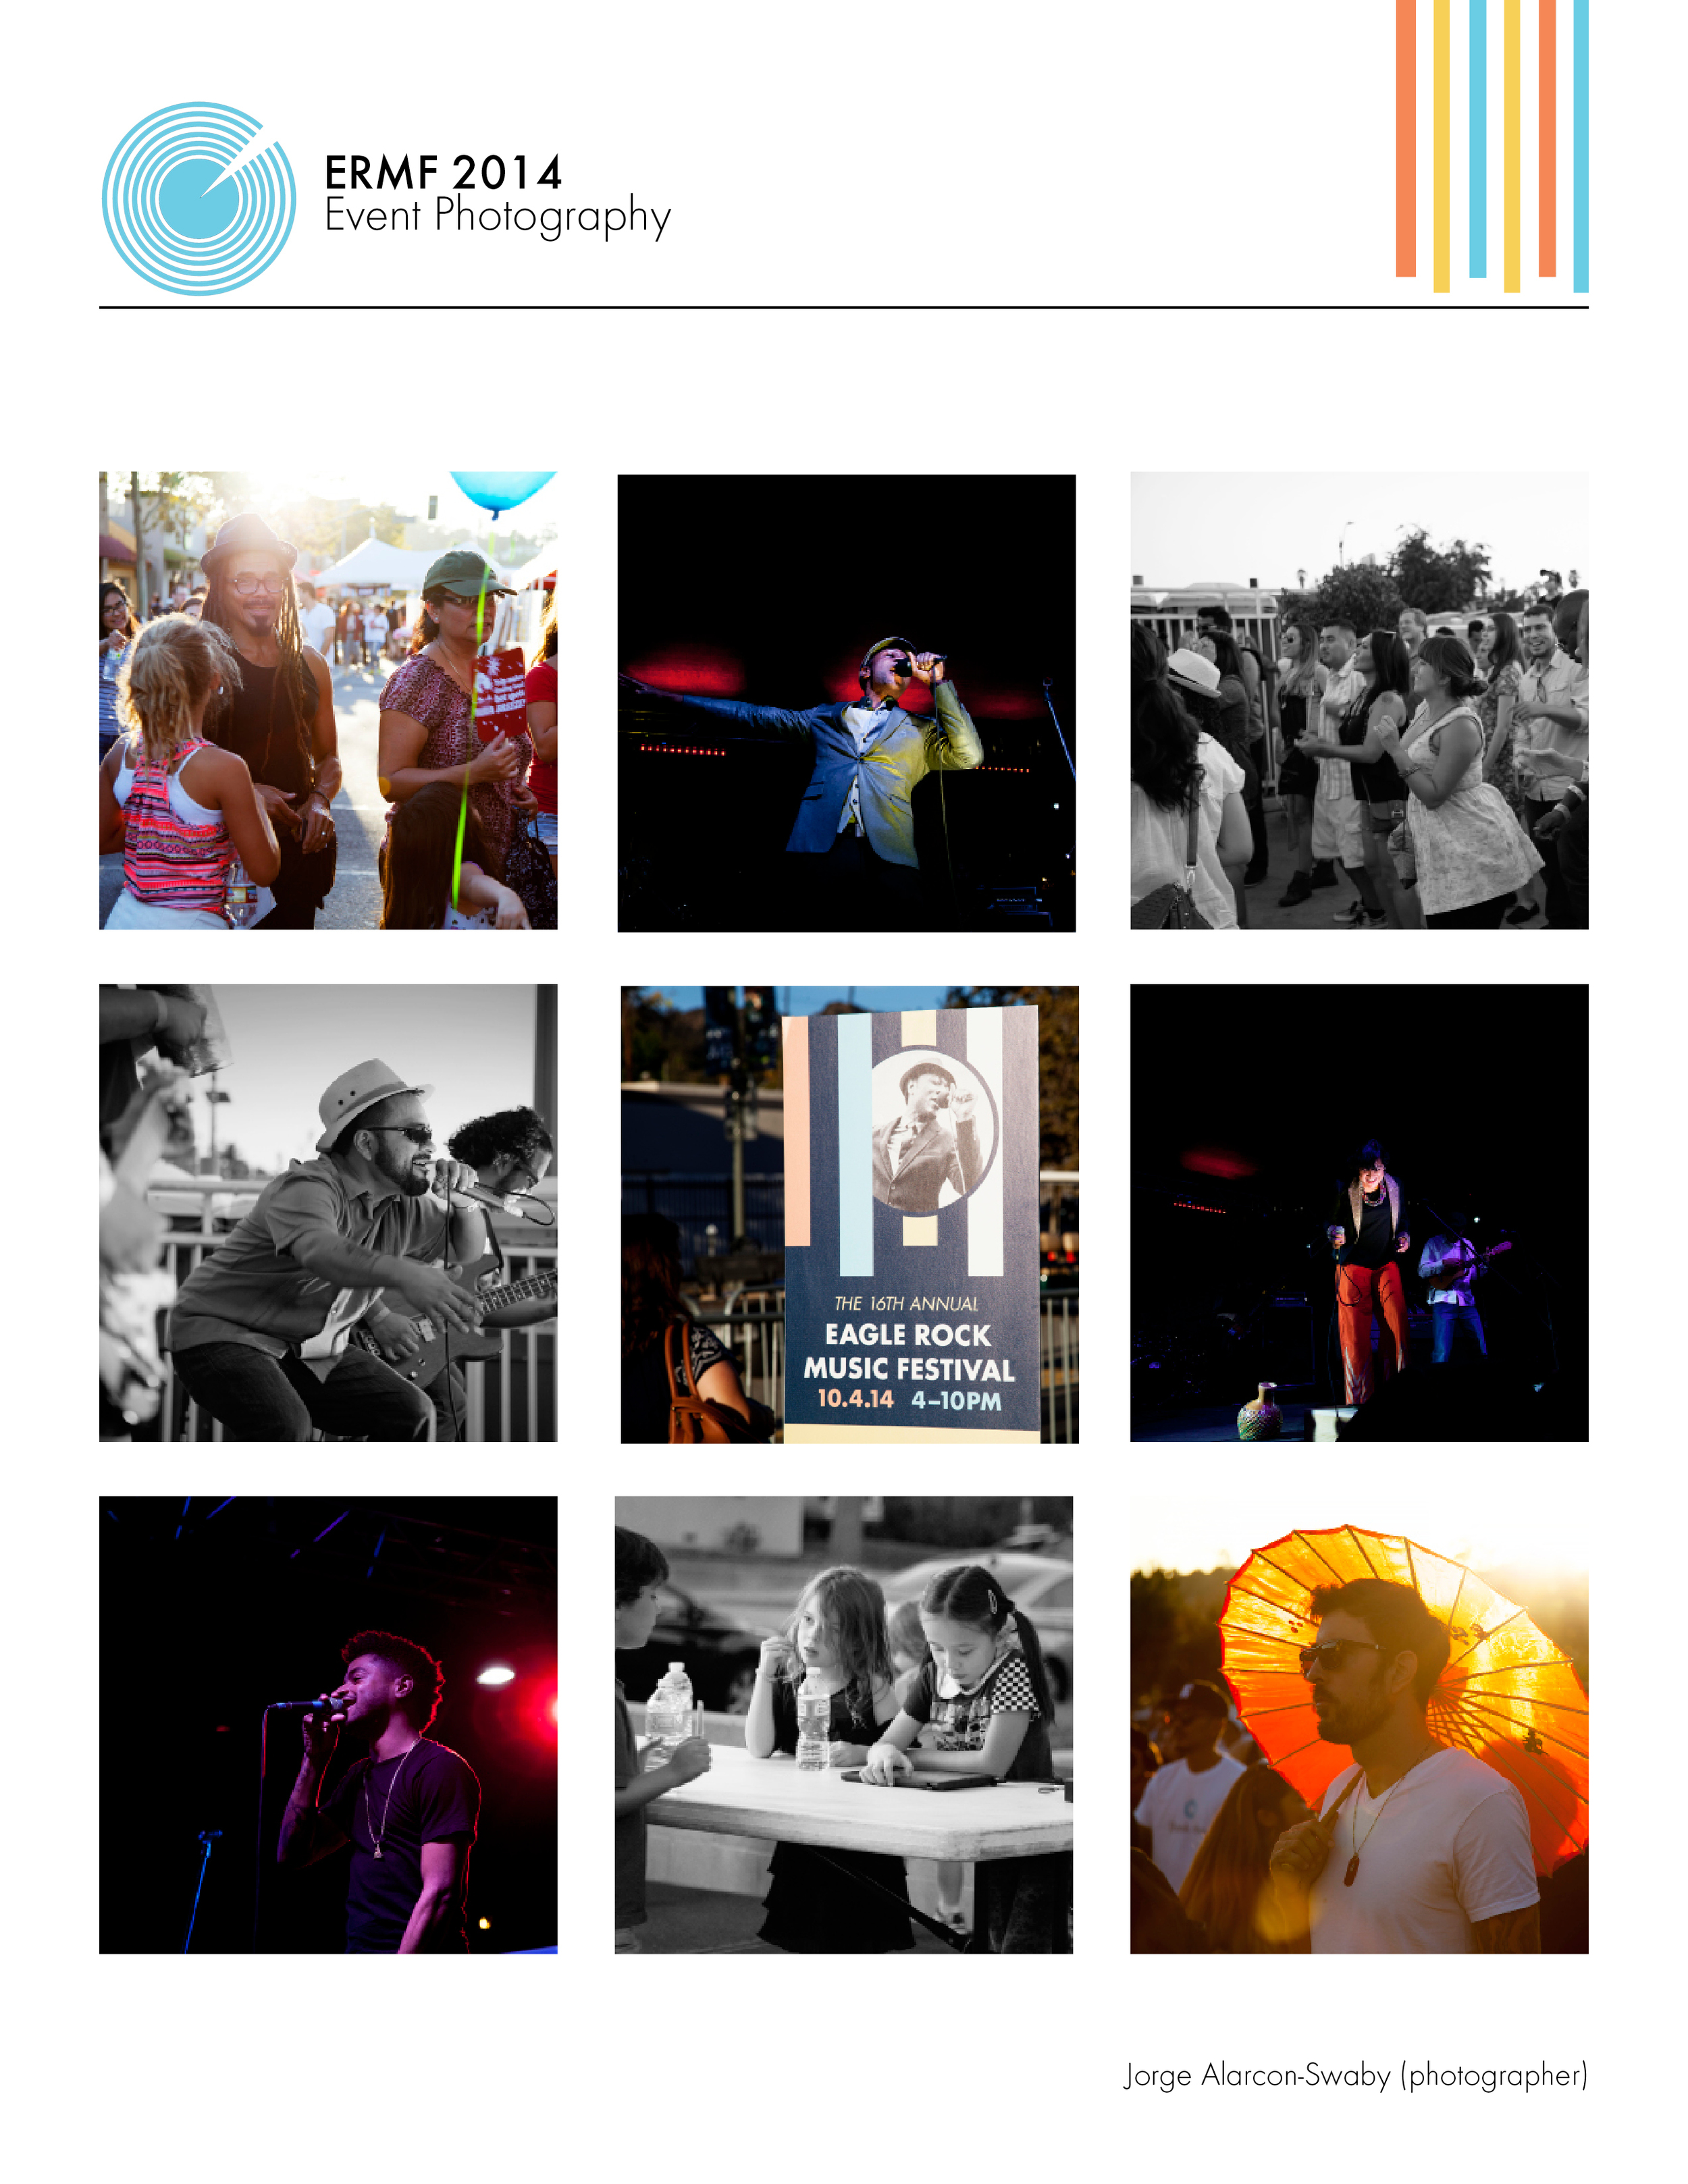 ERMF_ROI_2014_Website13.jpg